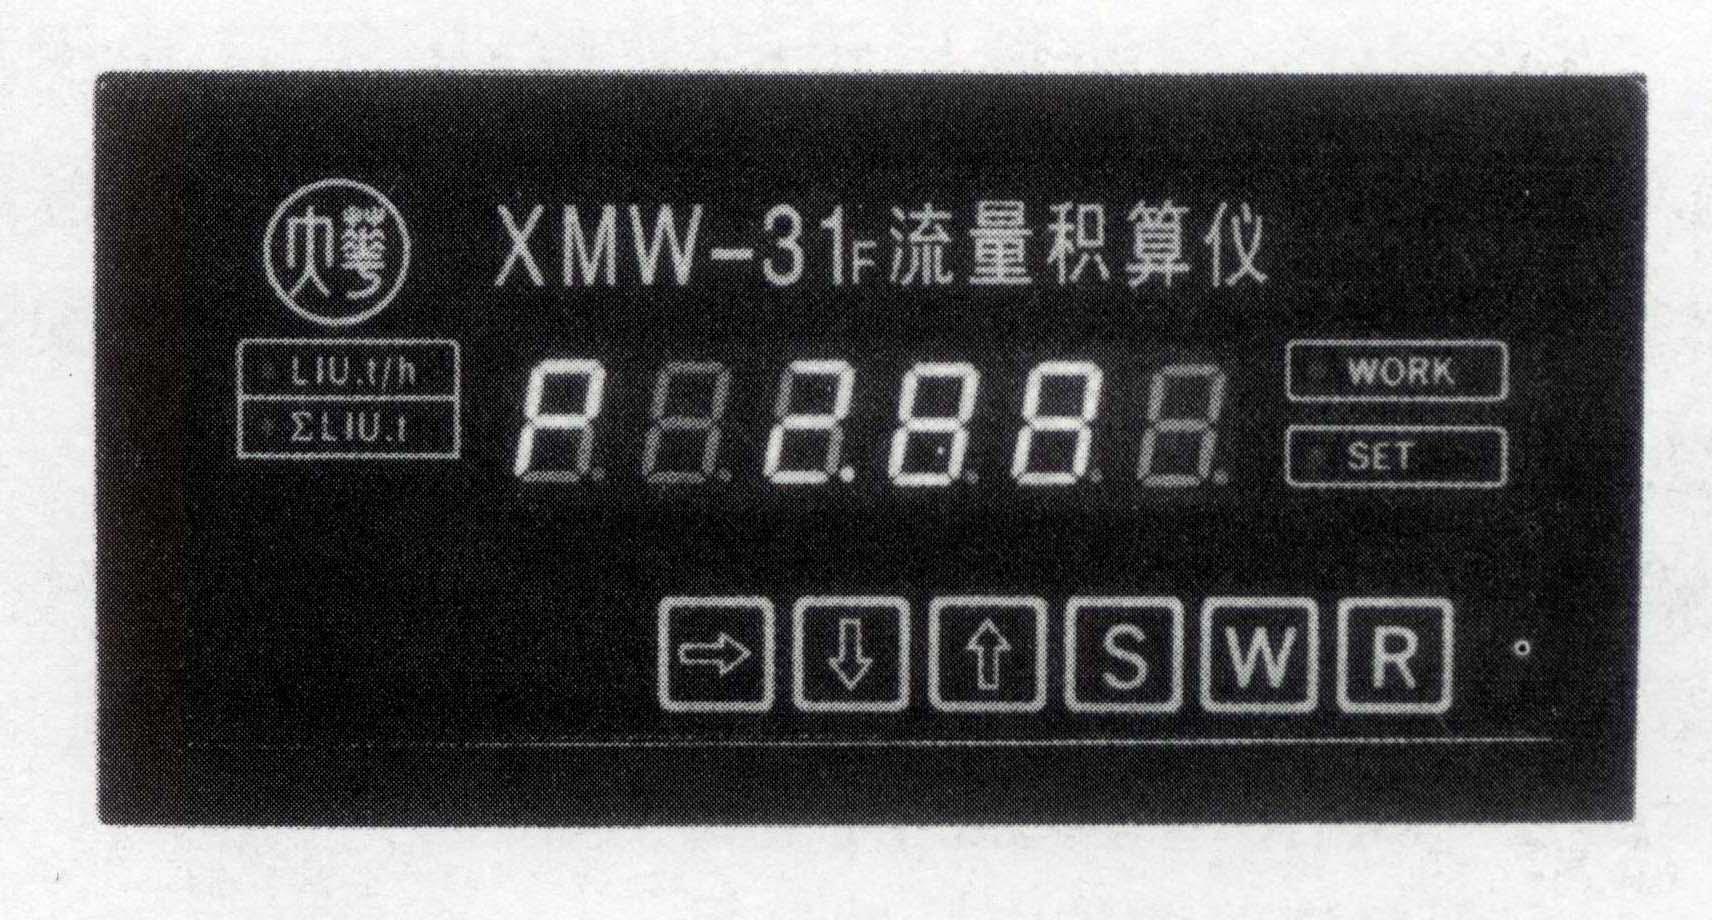 xmw-31f-流量积算仪-上海大华仪表厂 xmw-31f